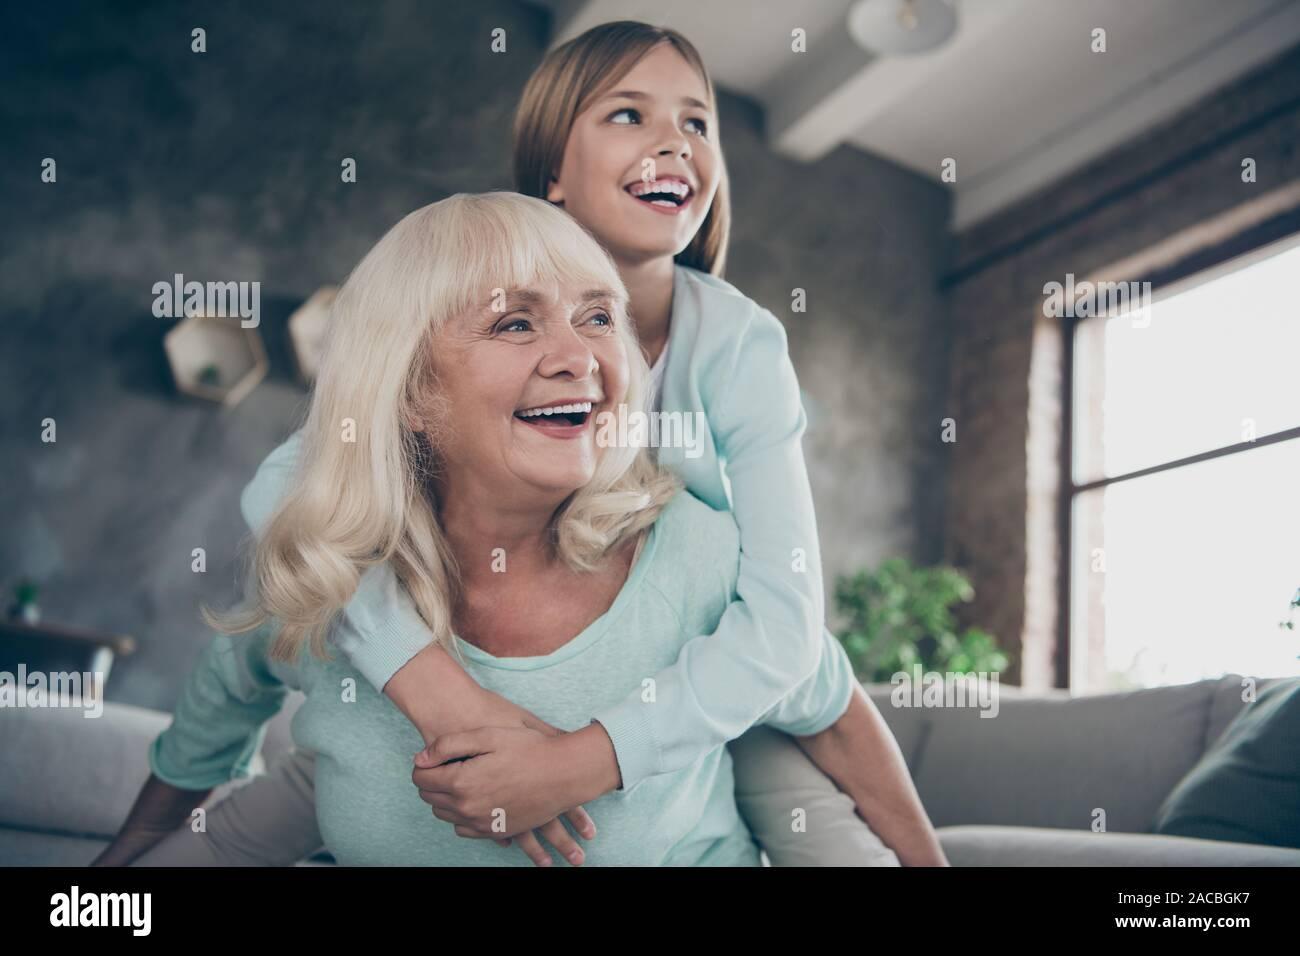 Vista de ángulo bajo la foto de dos mejores amigos pueblo lindo anciano granny pequeño nieto chica abrazo piggyback jugando juego divertido pasar juntos la casa de fin de semana Foto de stock